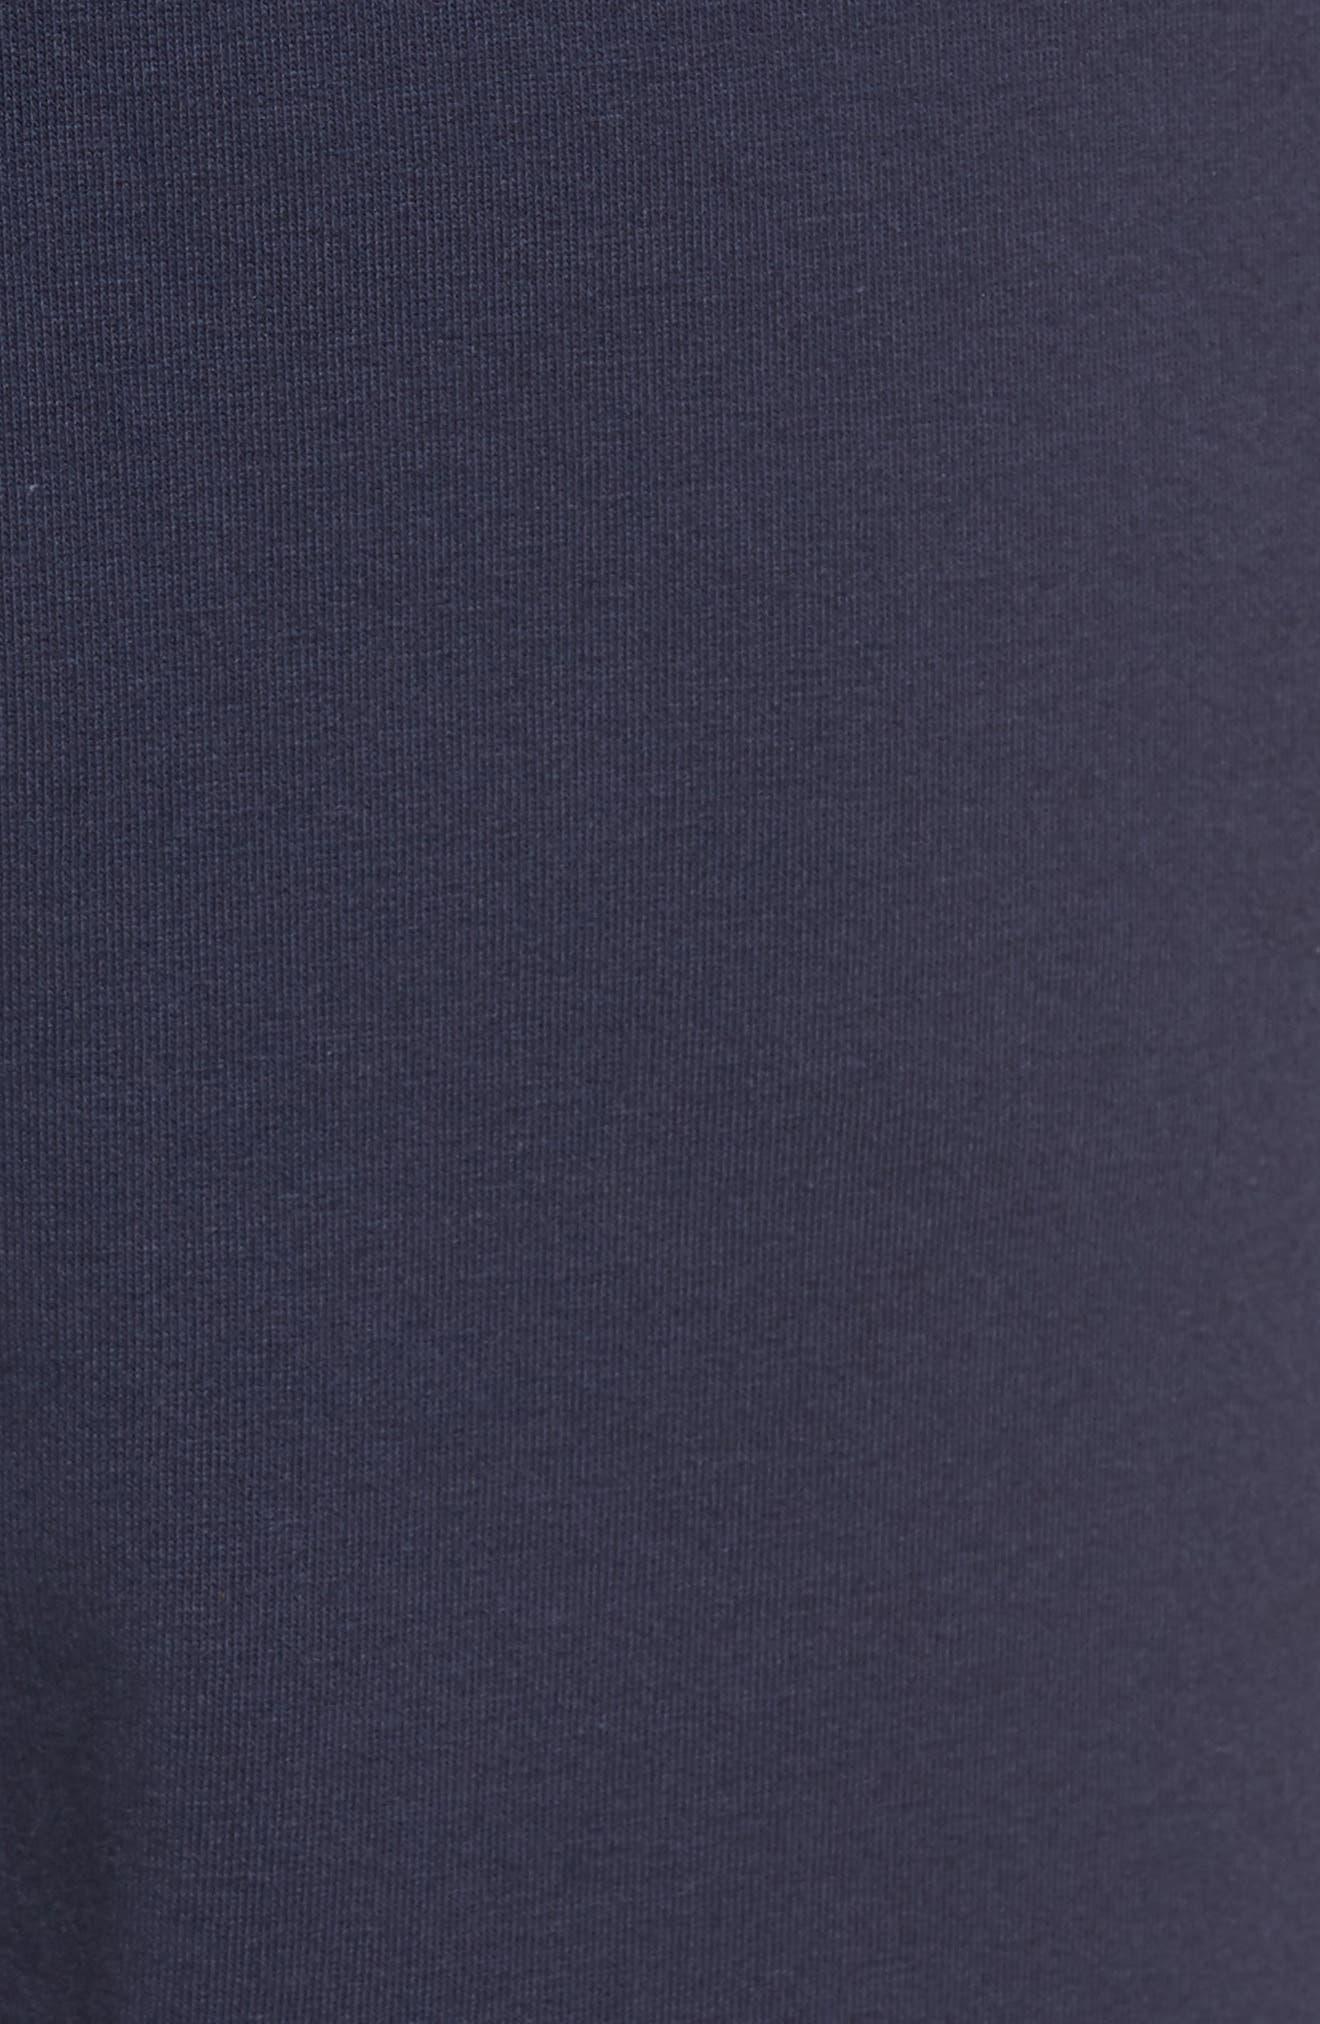 Living Lounge Shorts,                             Alternate thumbnail 5, color,                             BLACK IRIS